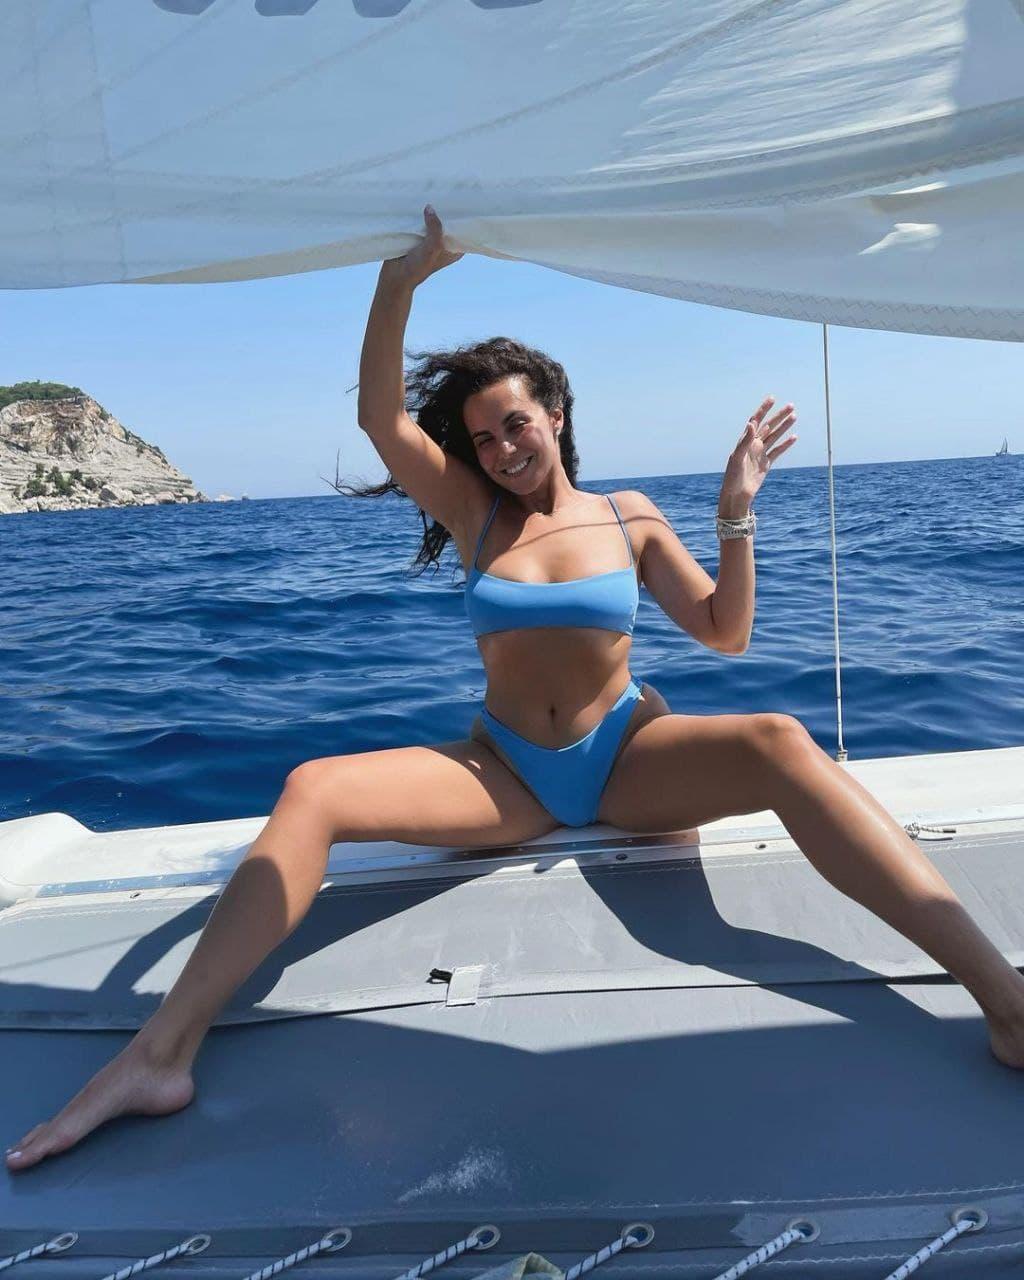 Настя Каменских устроила эффектную фотосессию в бикини на борту яхты